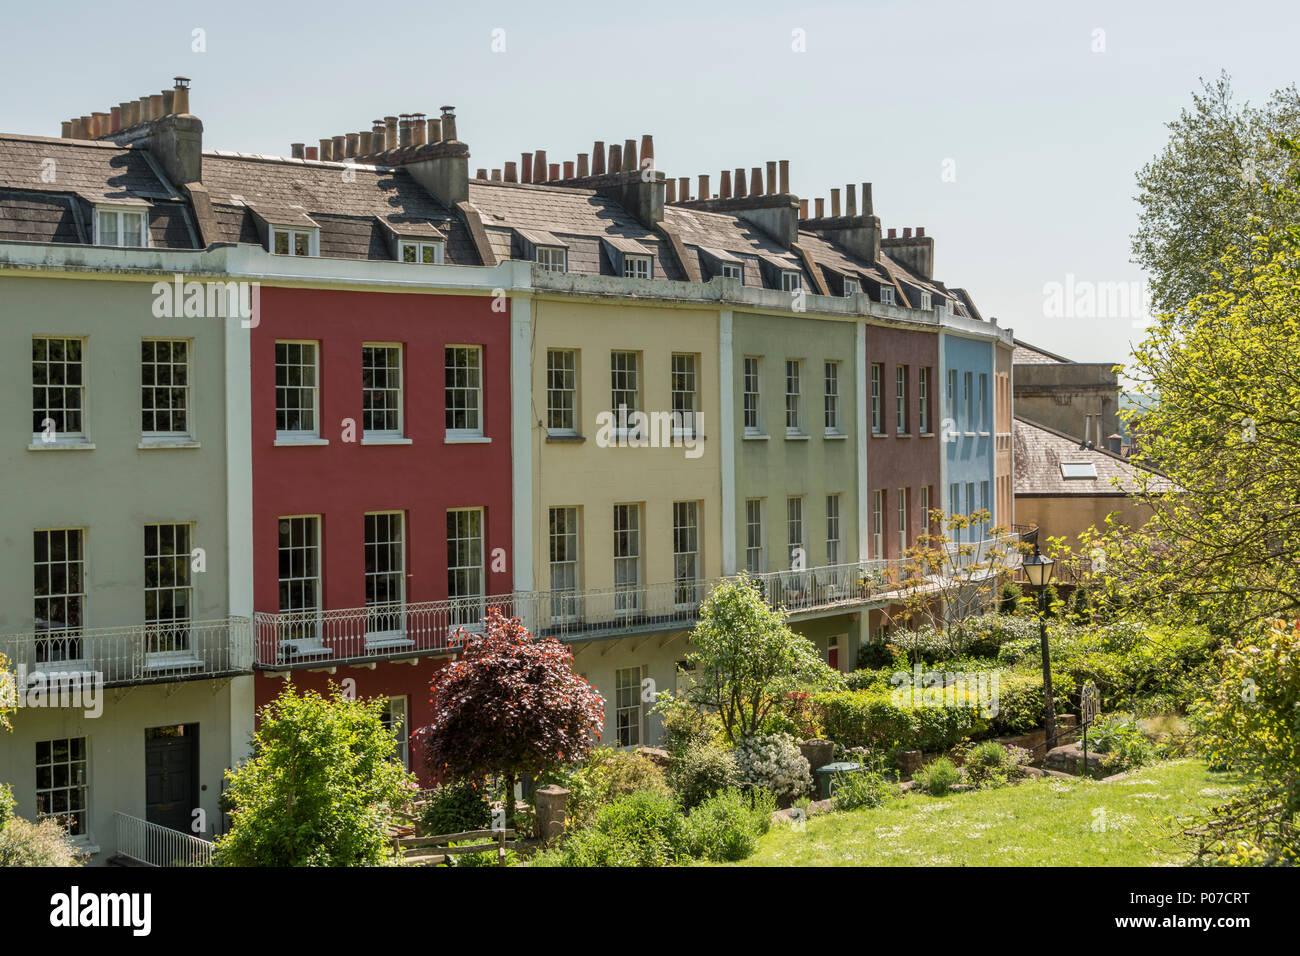 Das Polygon in Cliftonwood, Bristol, UK, einem terrassierten Georgian Crescent mit einem Gemeinschaftsgarten. Stockbild